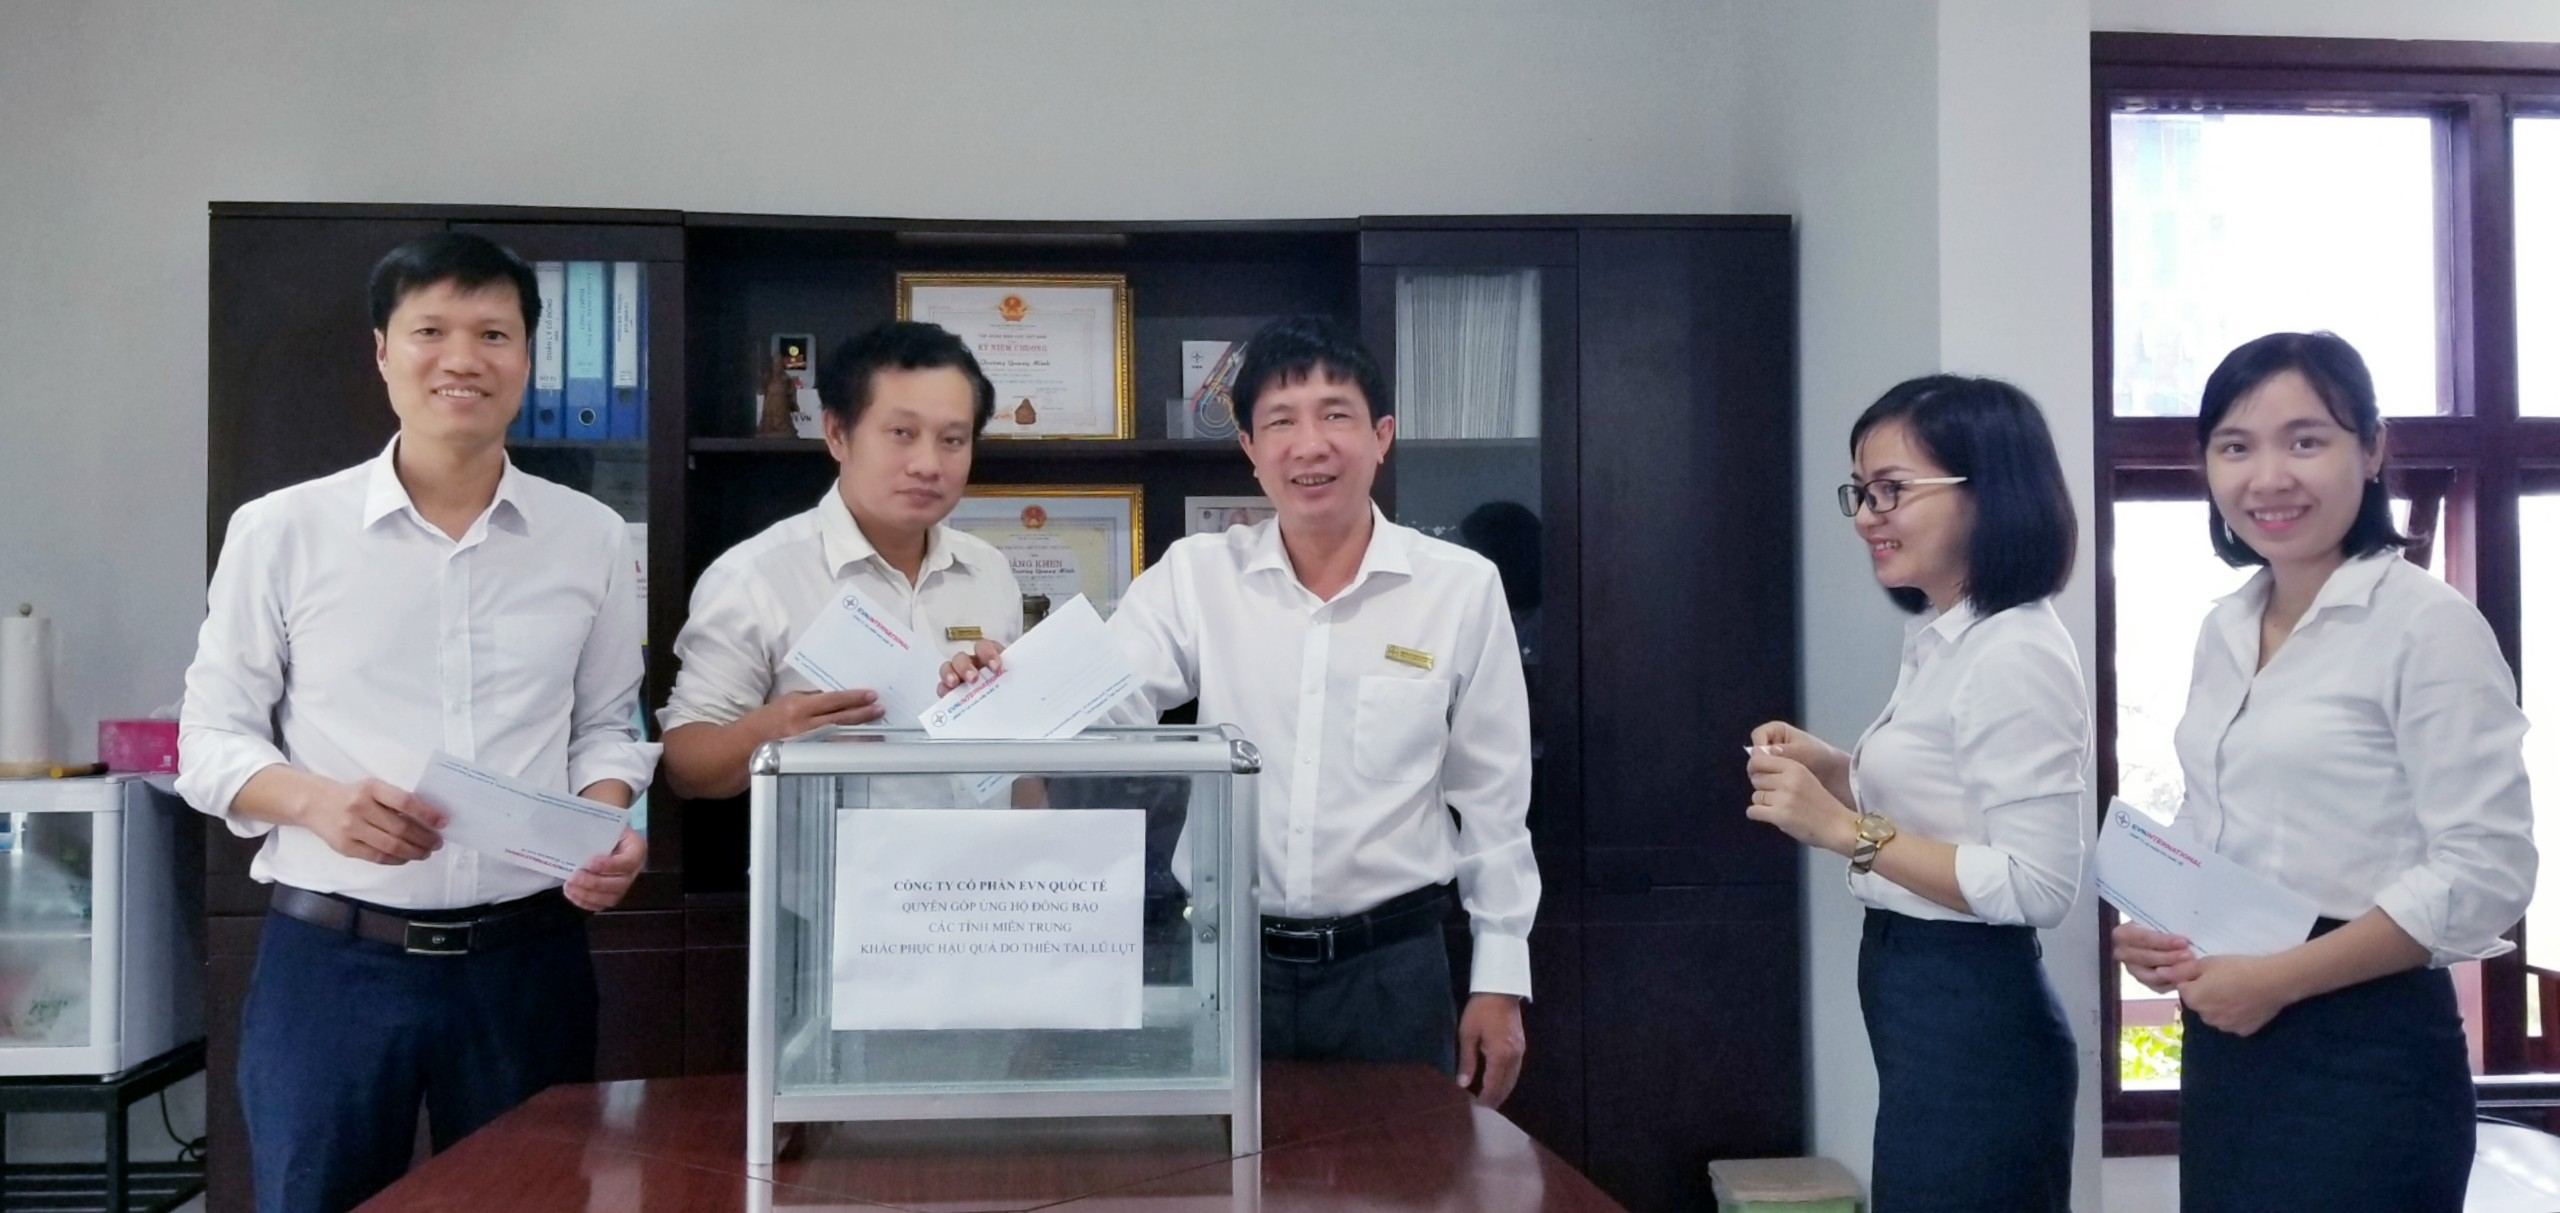 CBNV Công ty cổ phần EVN Quốc tế (EVNI) Cùng hướng về khúc ruột Miền Trung trong cơn bão lũ